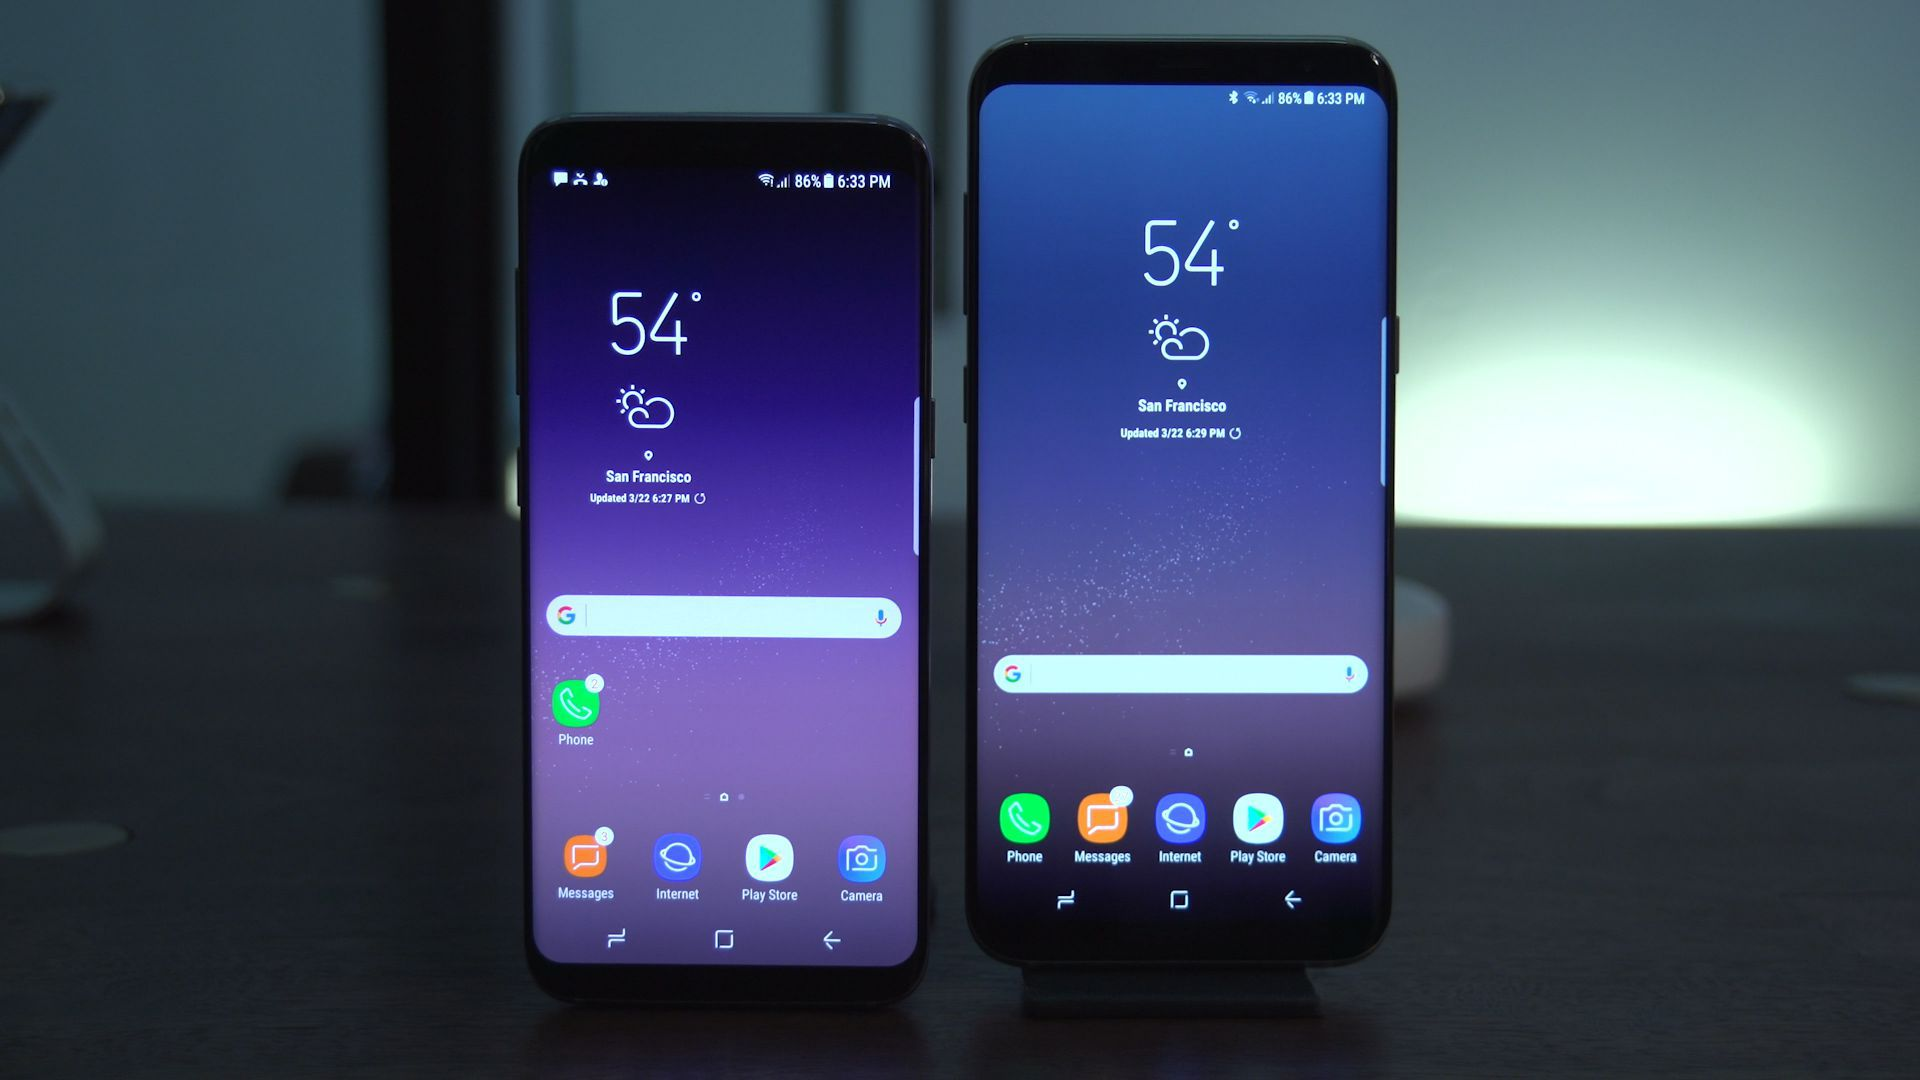 Samsung chính thức phát hành Android 8.0 Oreo cho bộ đôi Samsung Galaxy S8 và Galaxy S8 Plus